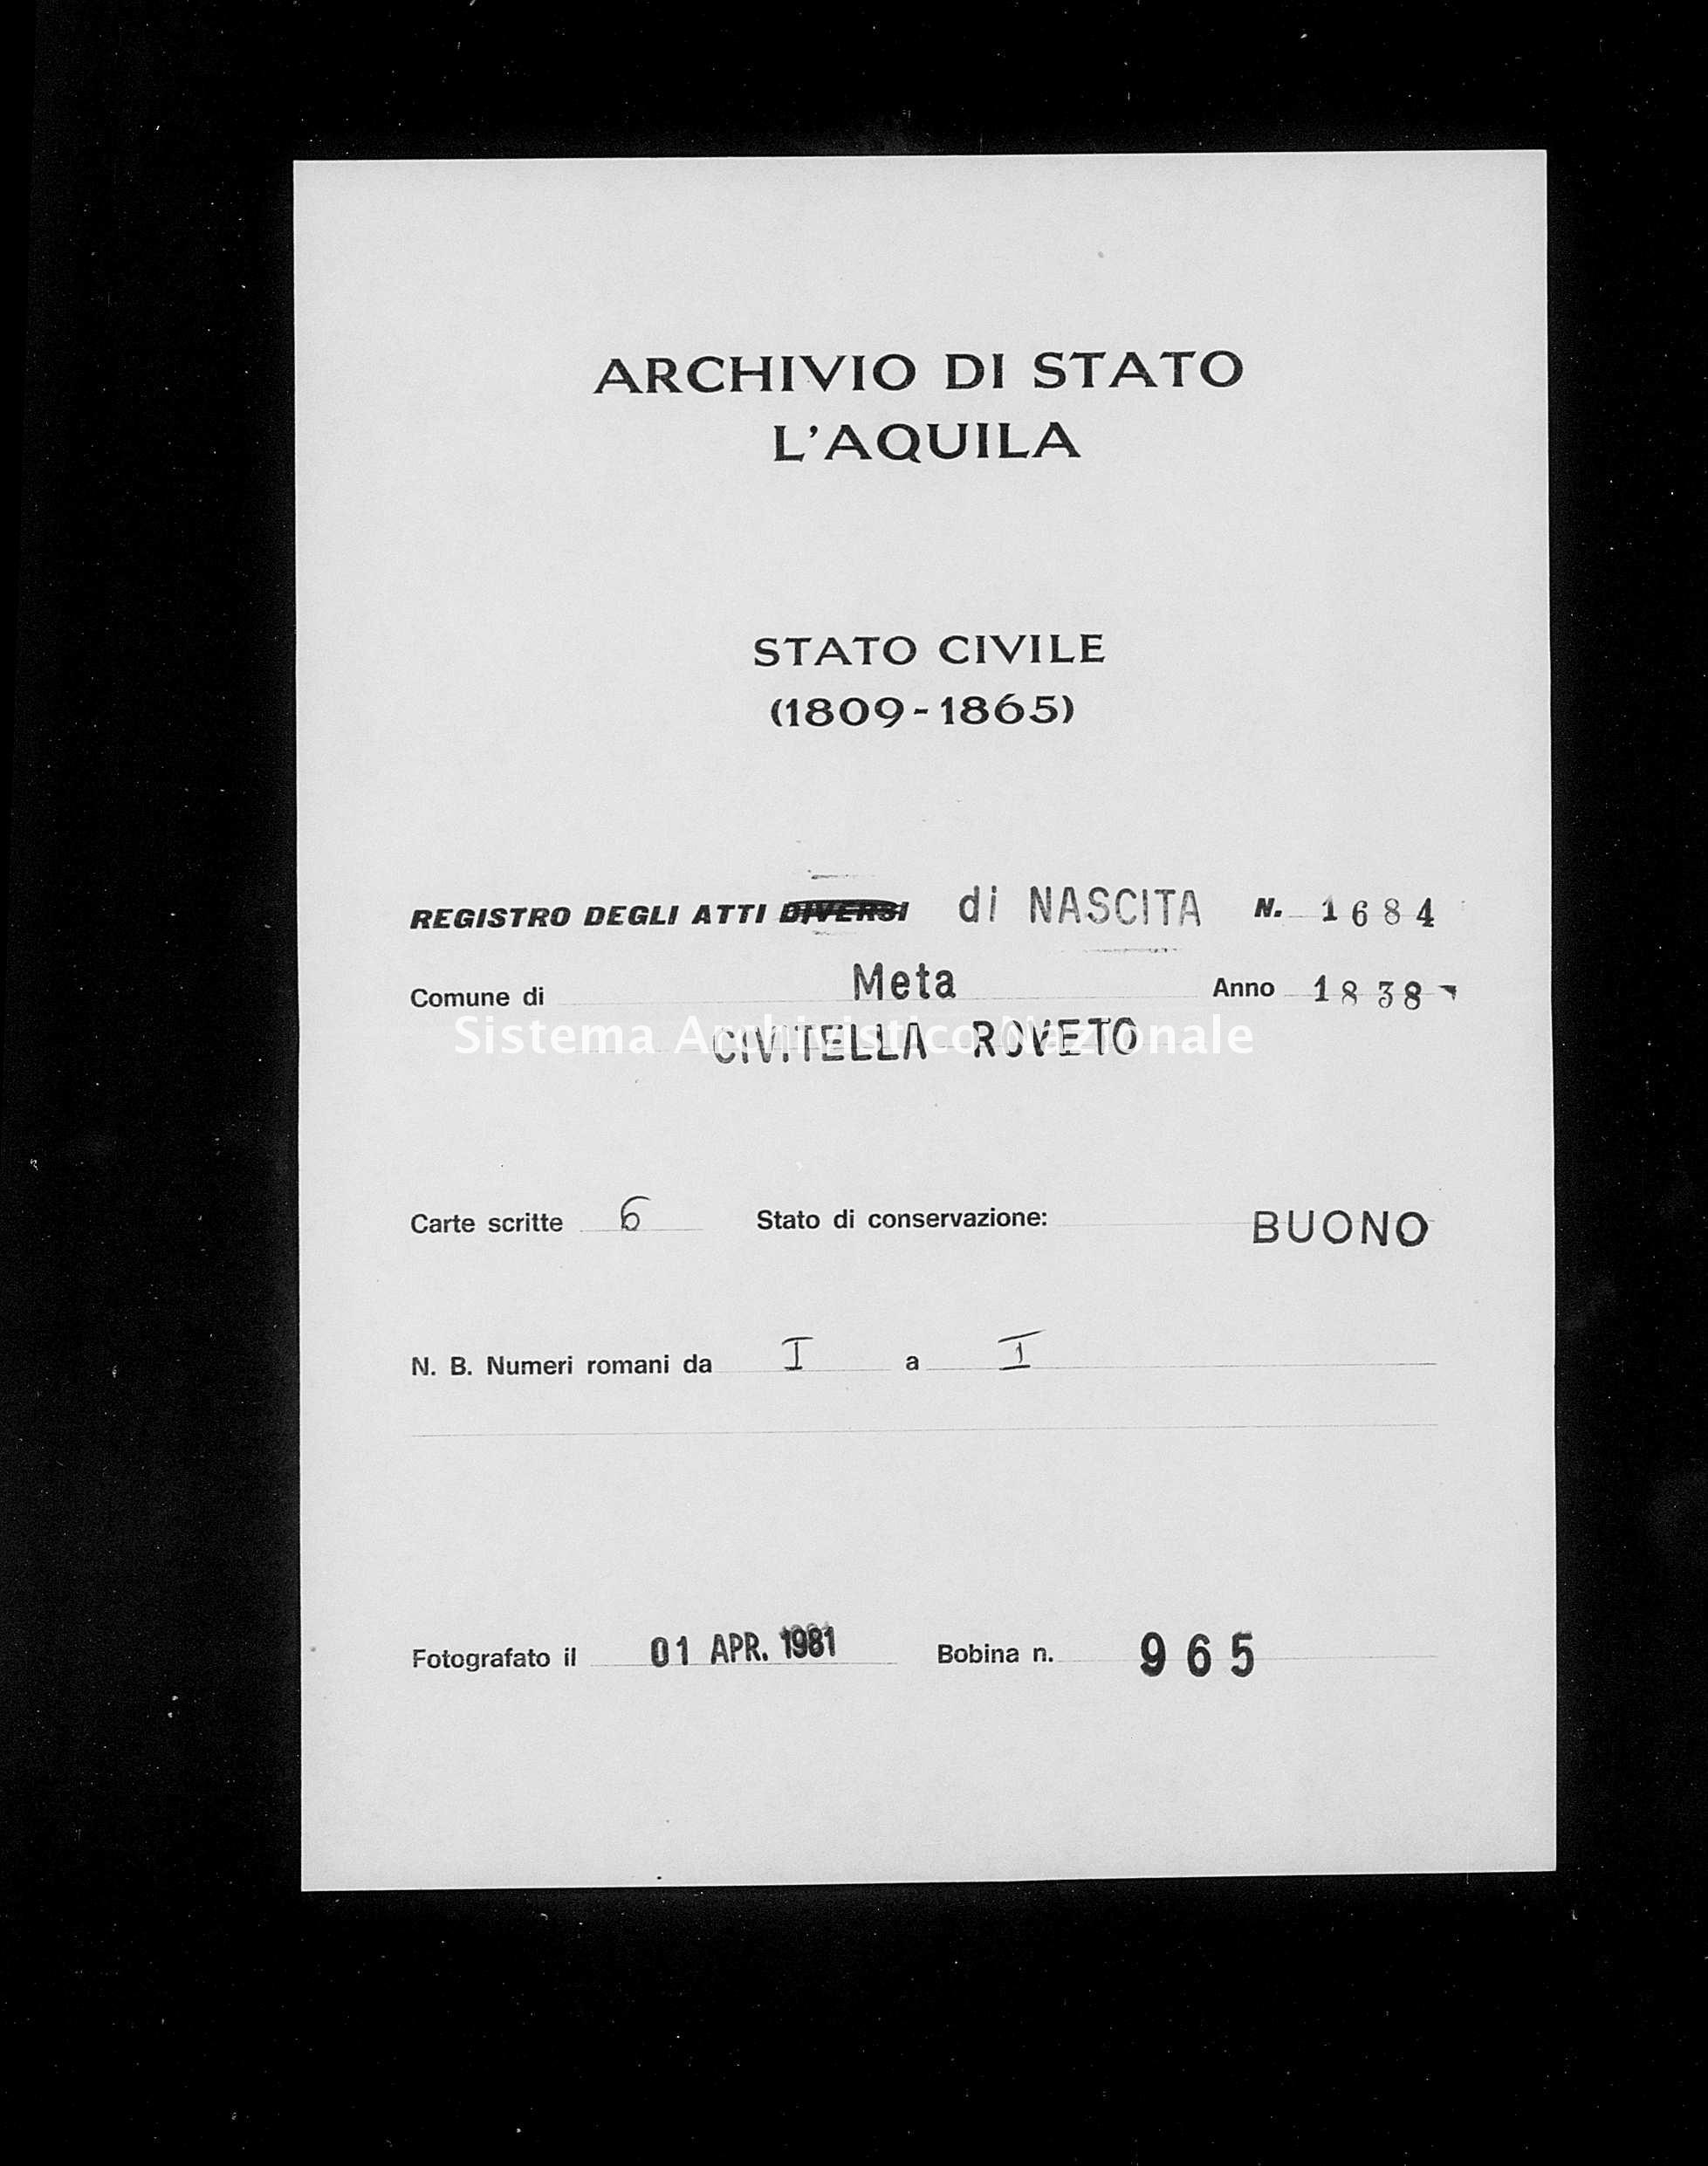 Archivio di stato di L'aquila - Stato civile della restaurazione - Meta - Nati - 1838 - 1684 -